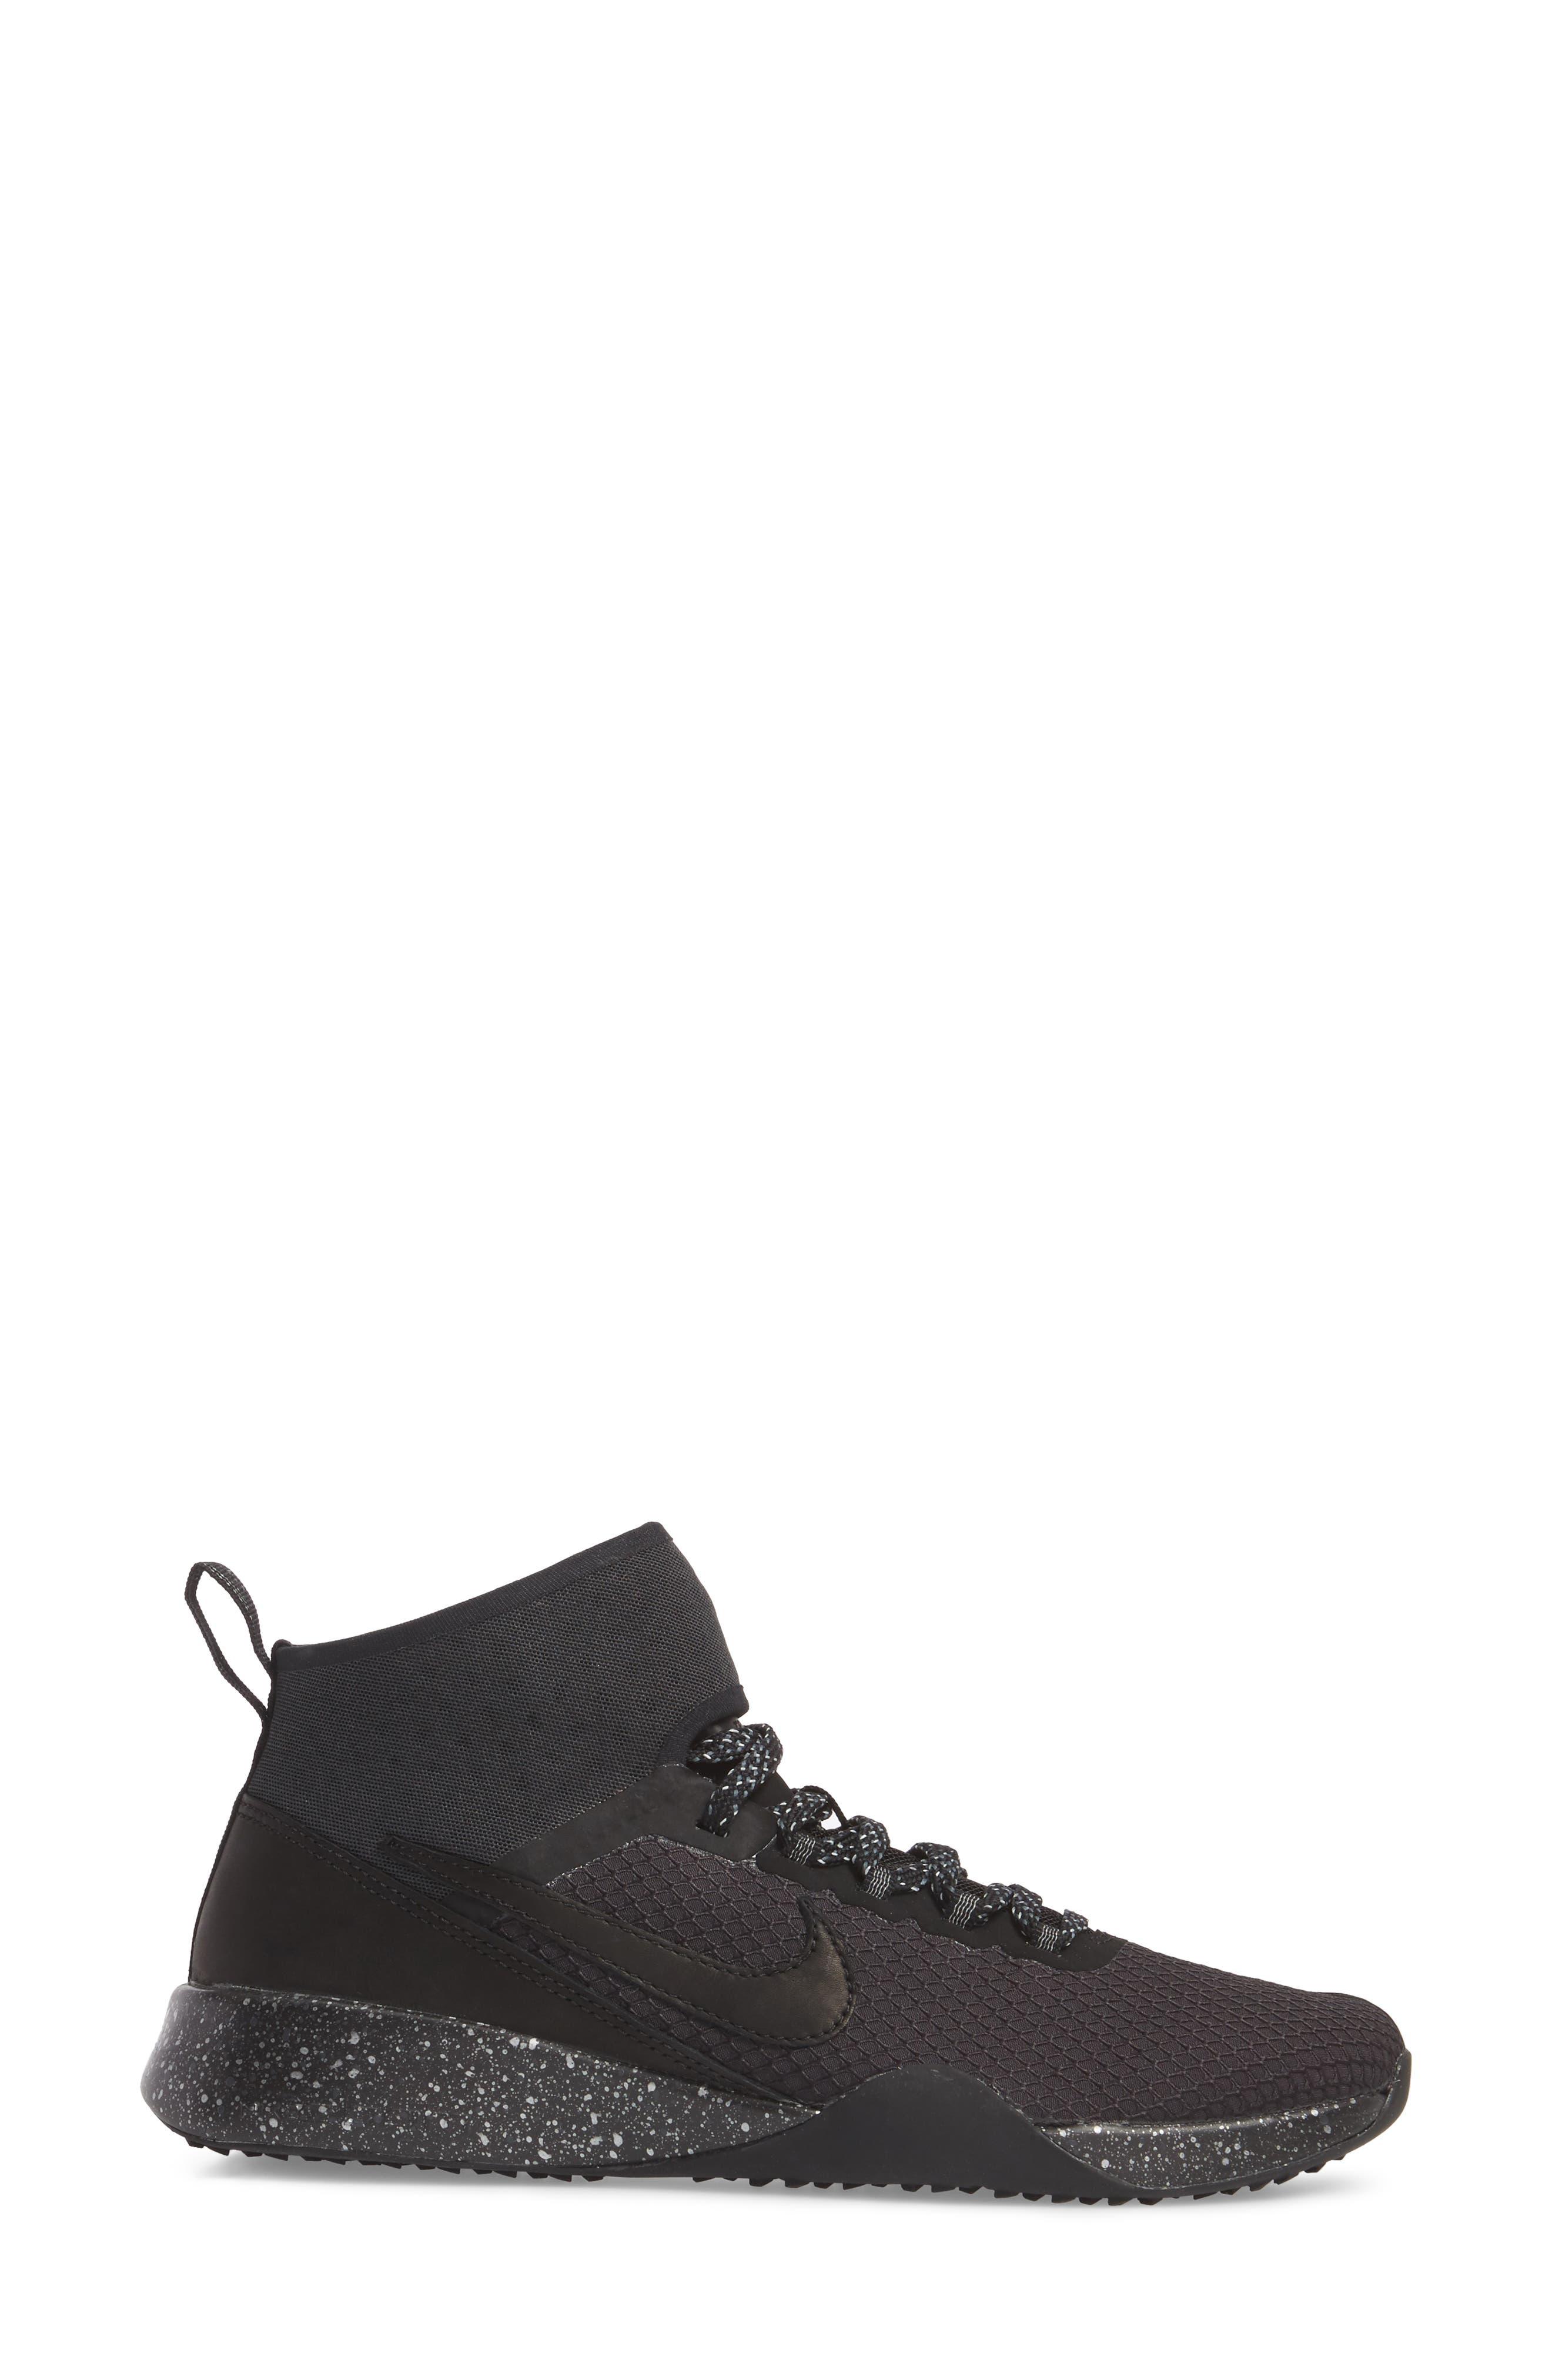 Alternate Image 3  - Nike NikeLab Air Zoom Strong 2 Training Shoe (Women)